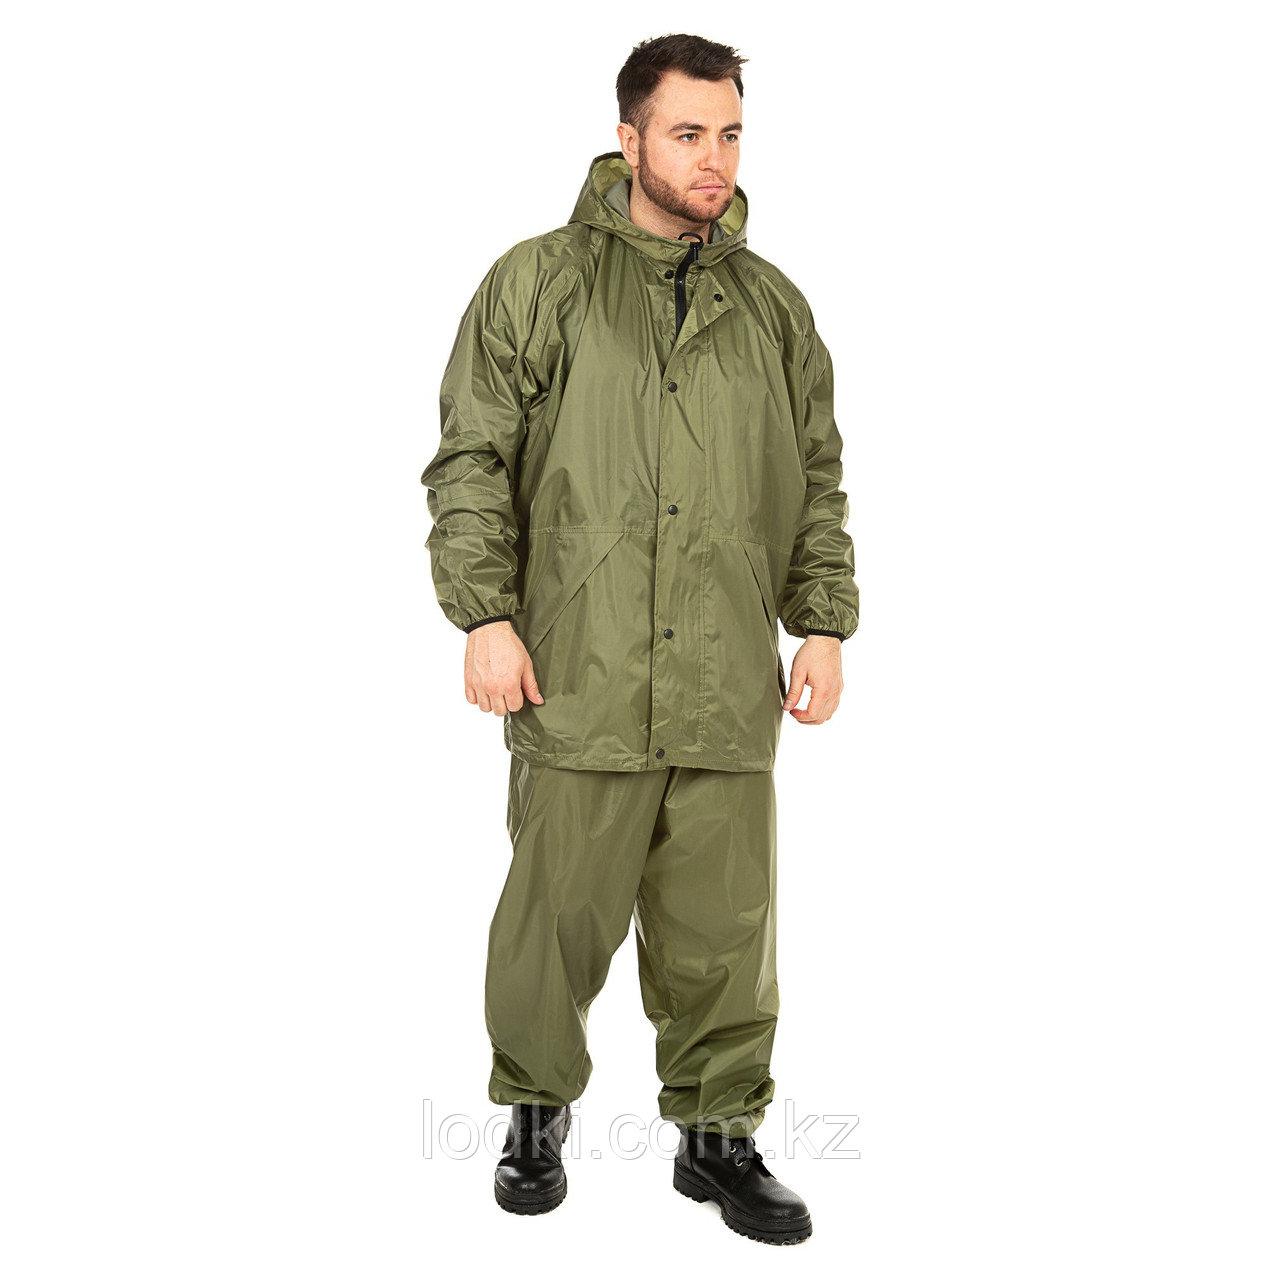 Костюм дождевик ВВЗ Шторм цвет Зеленый ткань Таффета PVC 20000мм Размеры от44до64 - фото 1